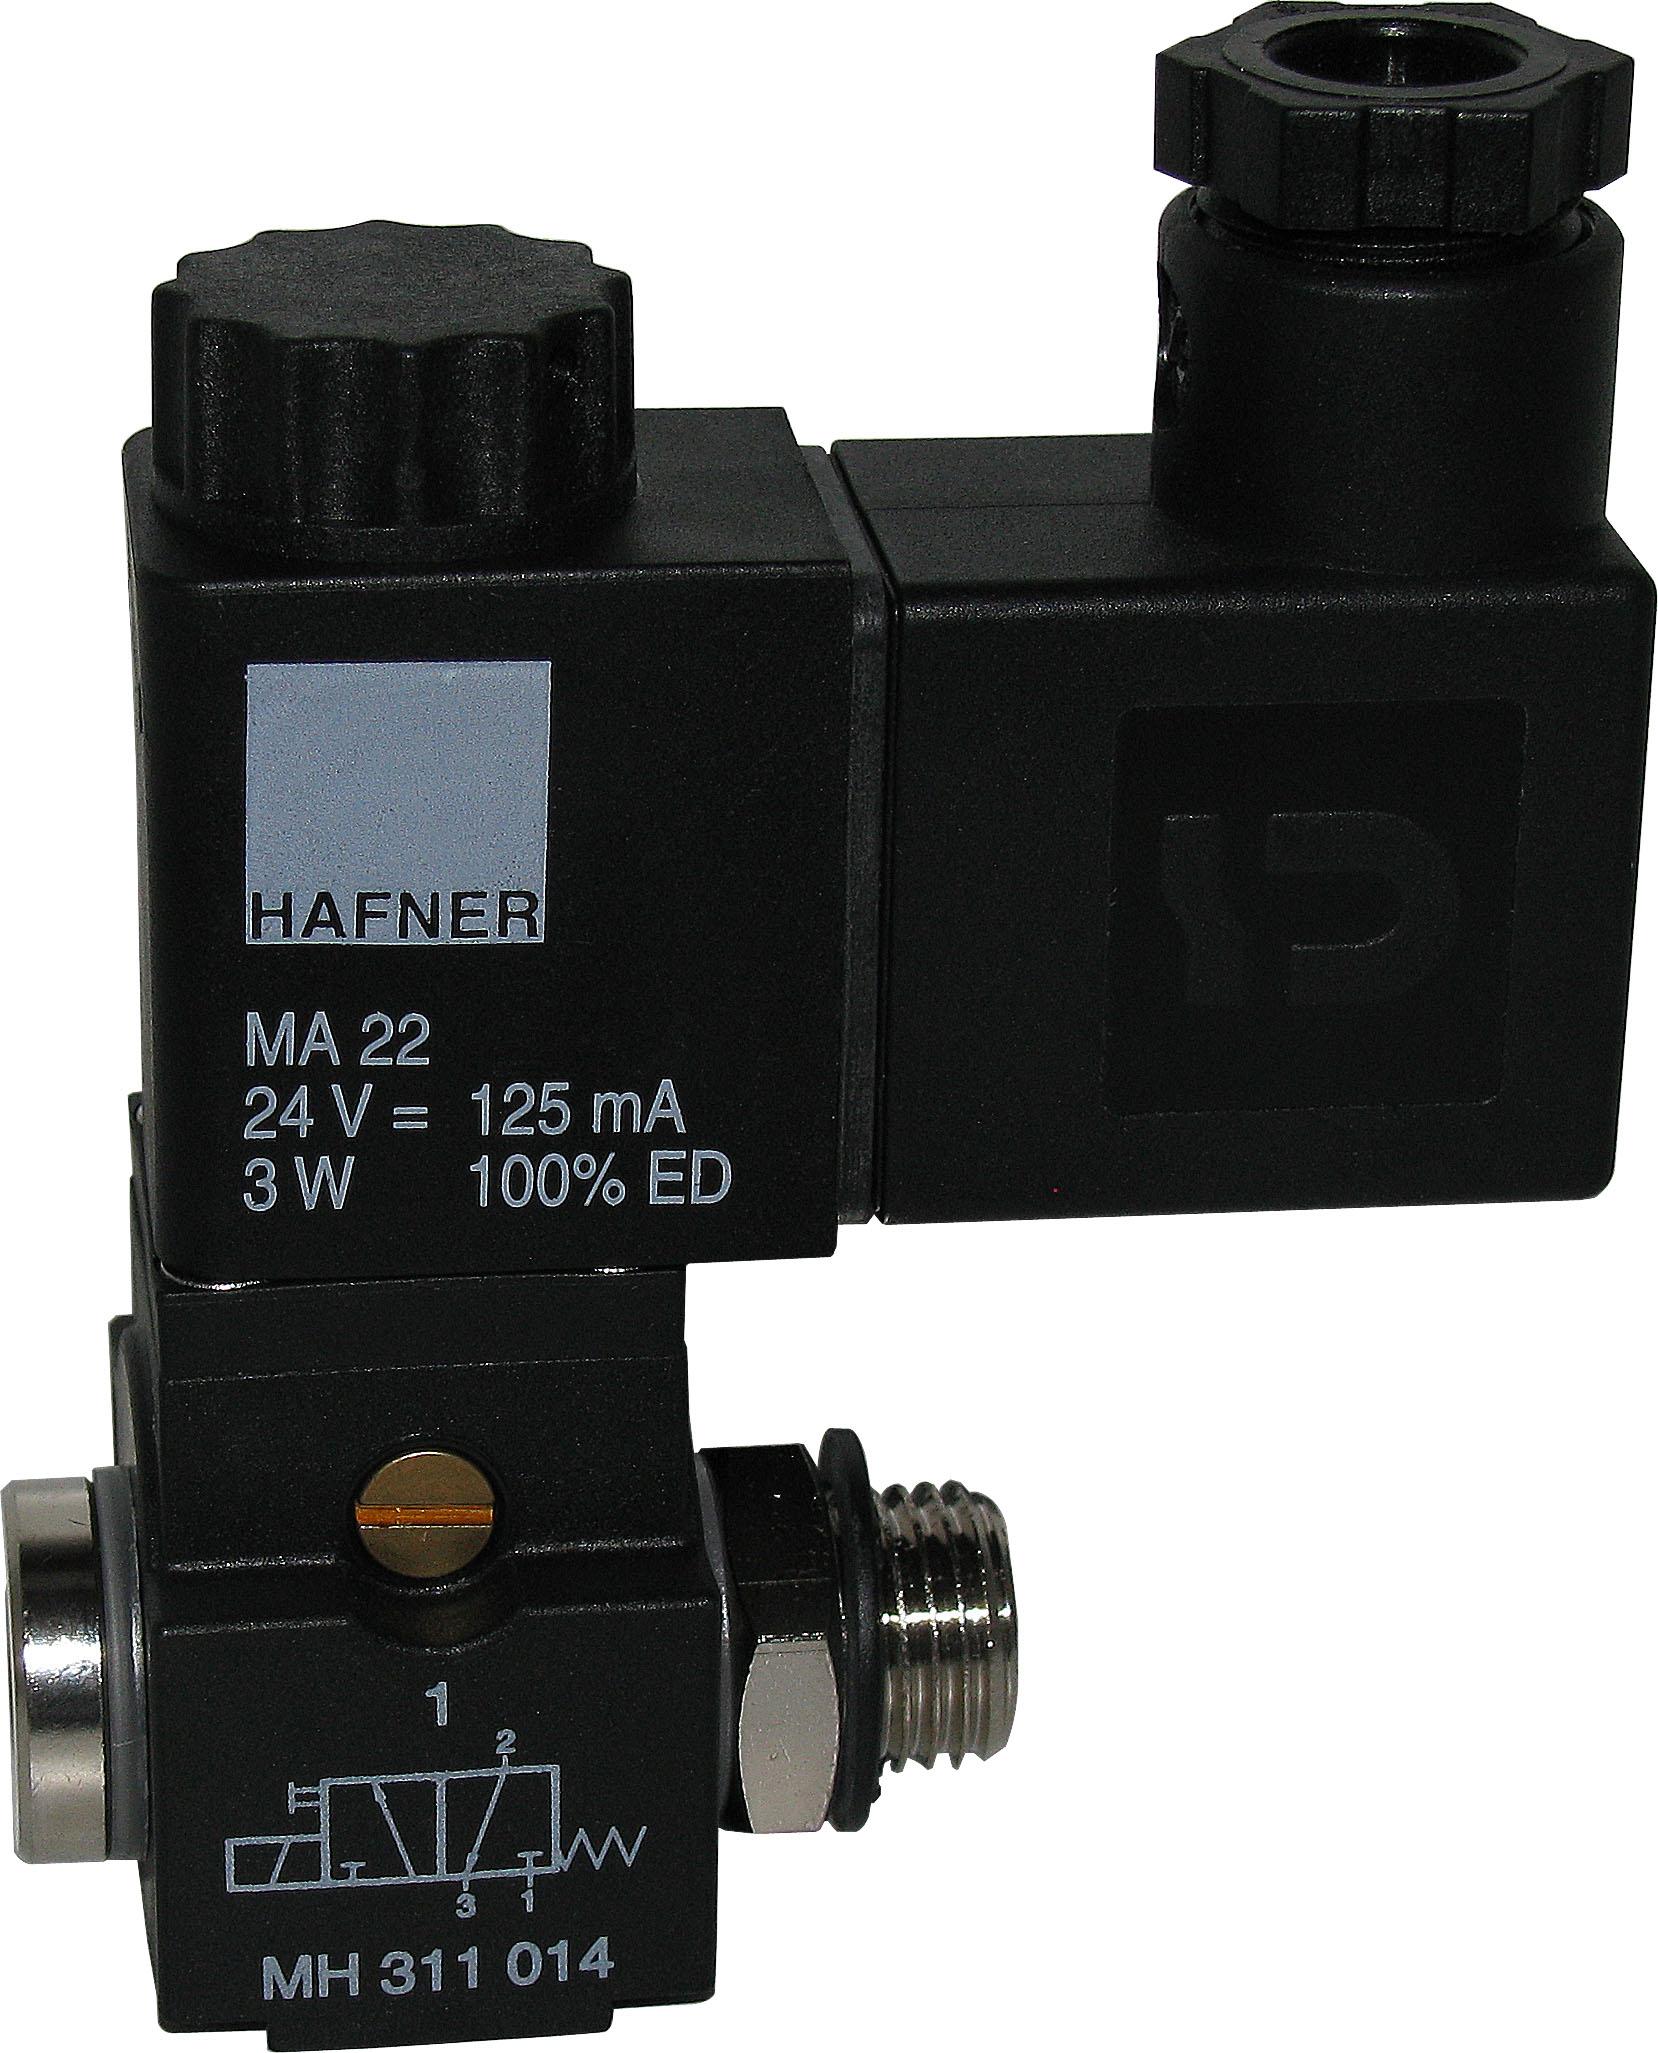 Banjo valves MH 311 014